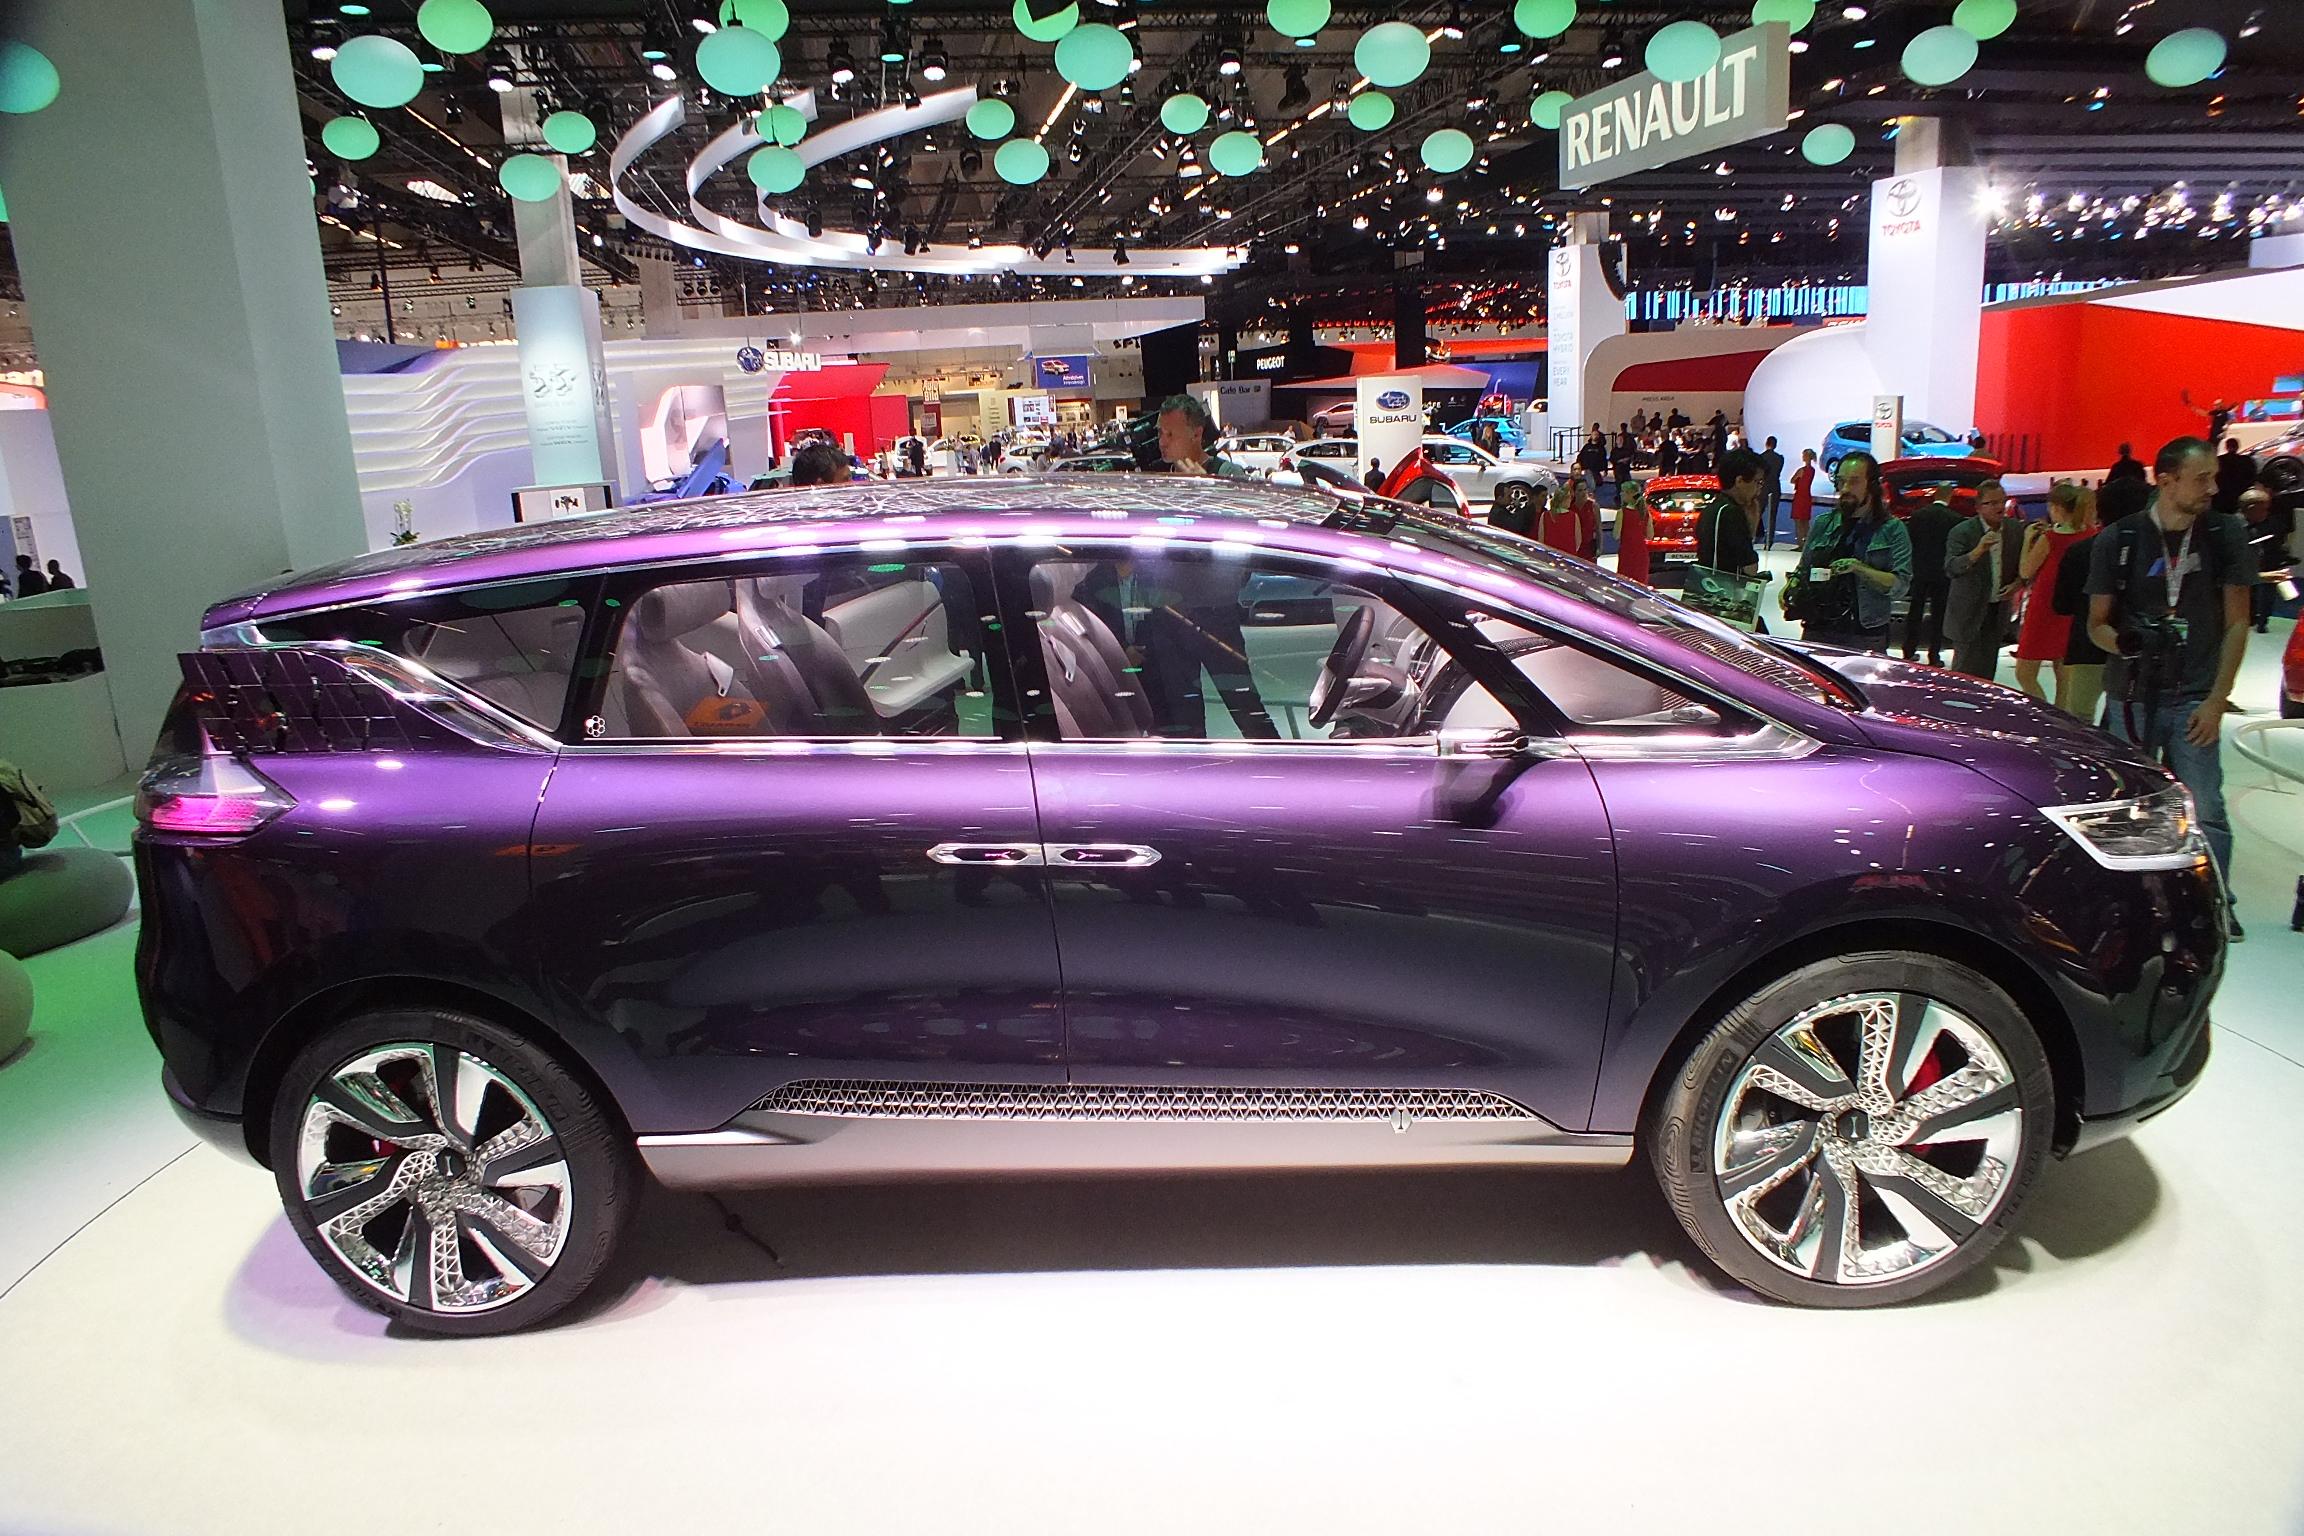 http://images.caradisiac.com/images/9/1/0/0/89100/S0-En-direct-du-salon-de-Francfort-2013-Renault-Concept-Initiale-Paris-le-6e-petale-fait-Bling-302672.jpg